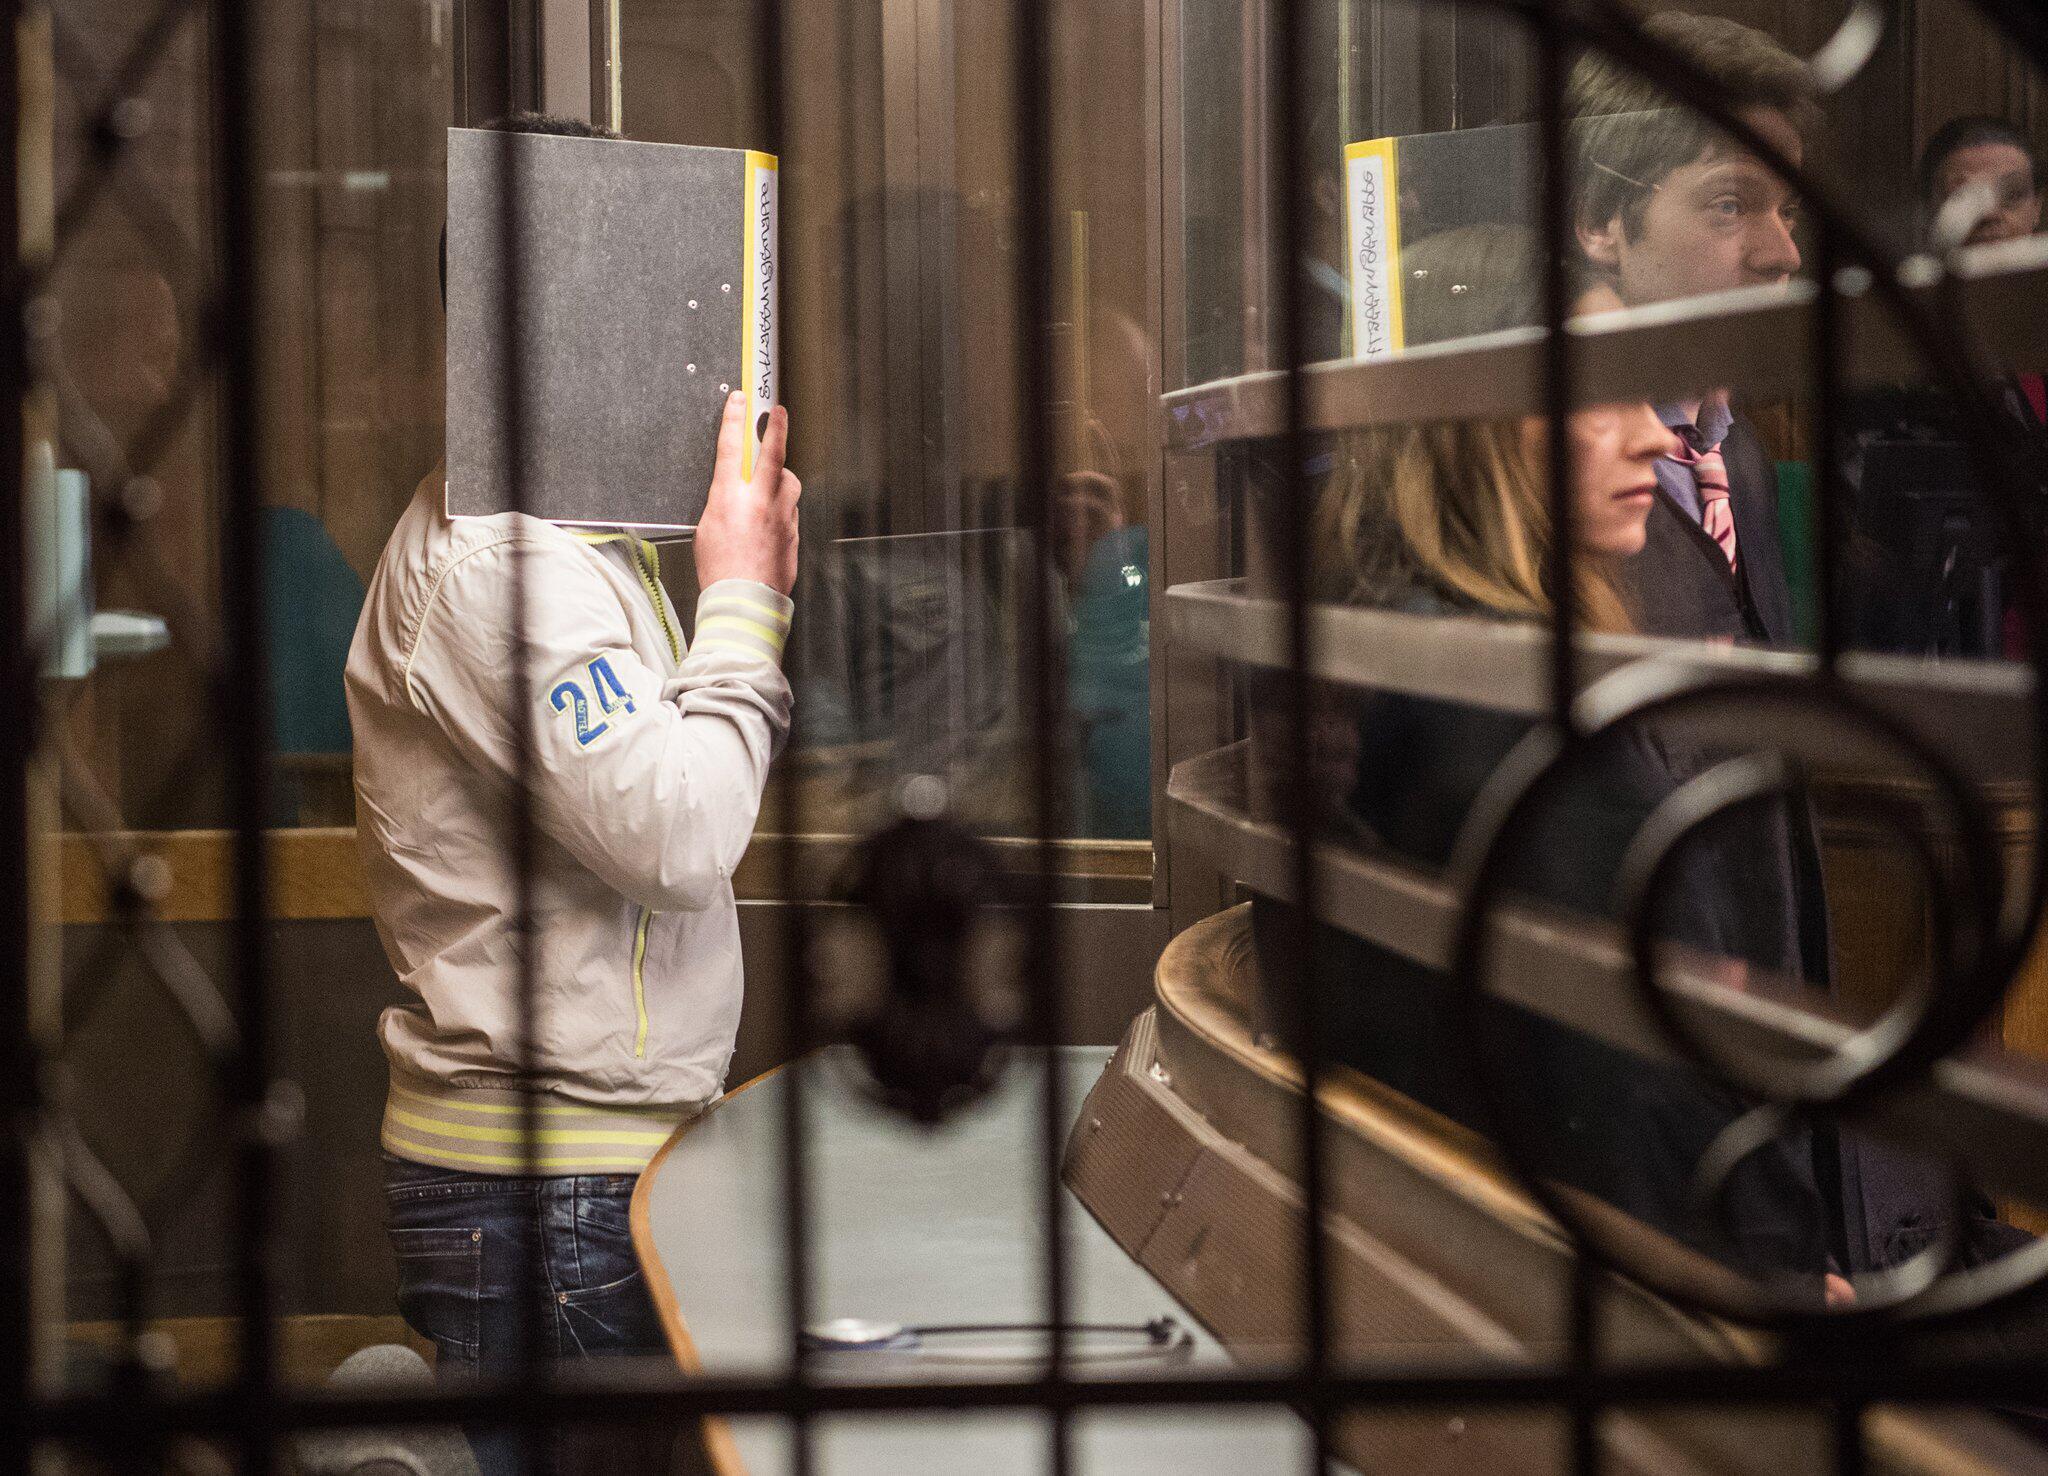 Bild zu Mord im Berliner Tiergarten - Verteidigung fordert Freispruch